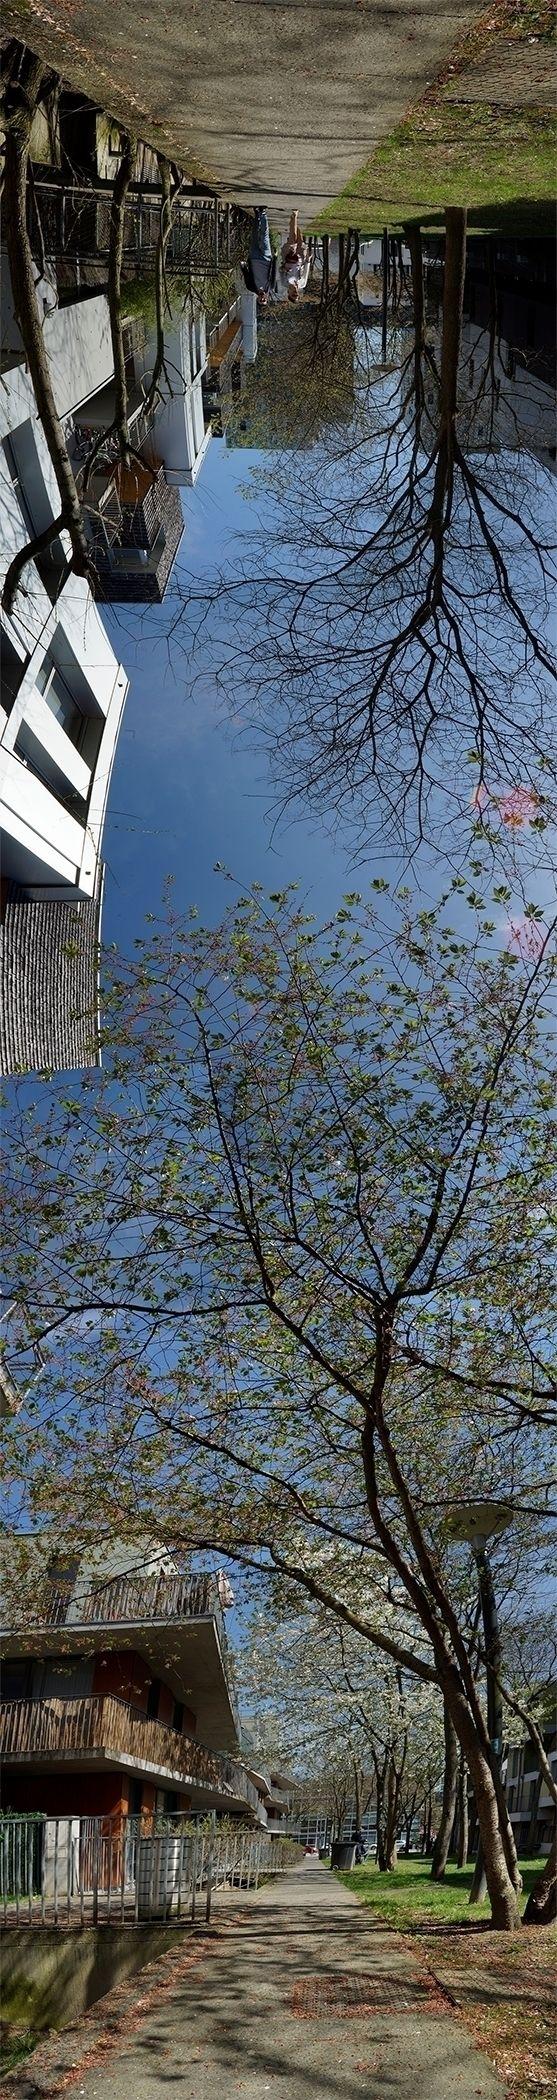 Ce jour les fleurs du cerisier  - gclavet   ello